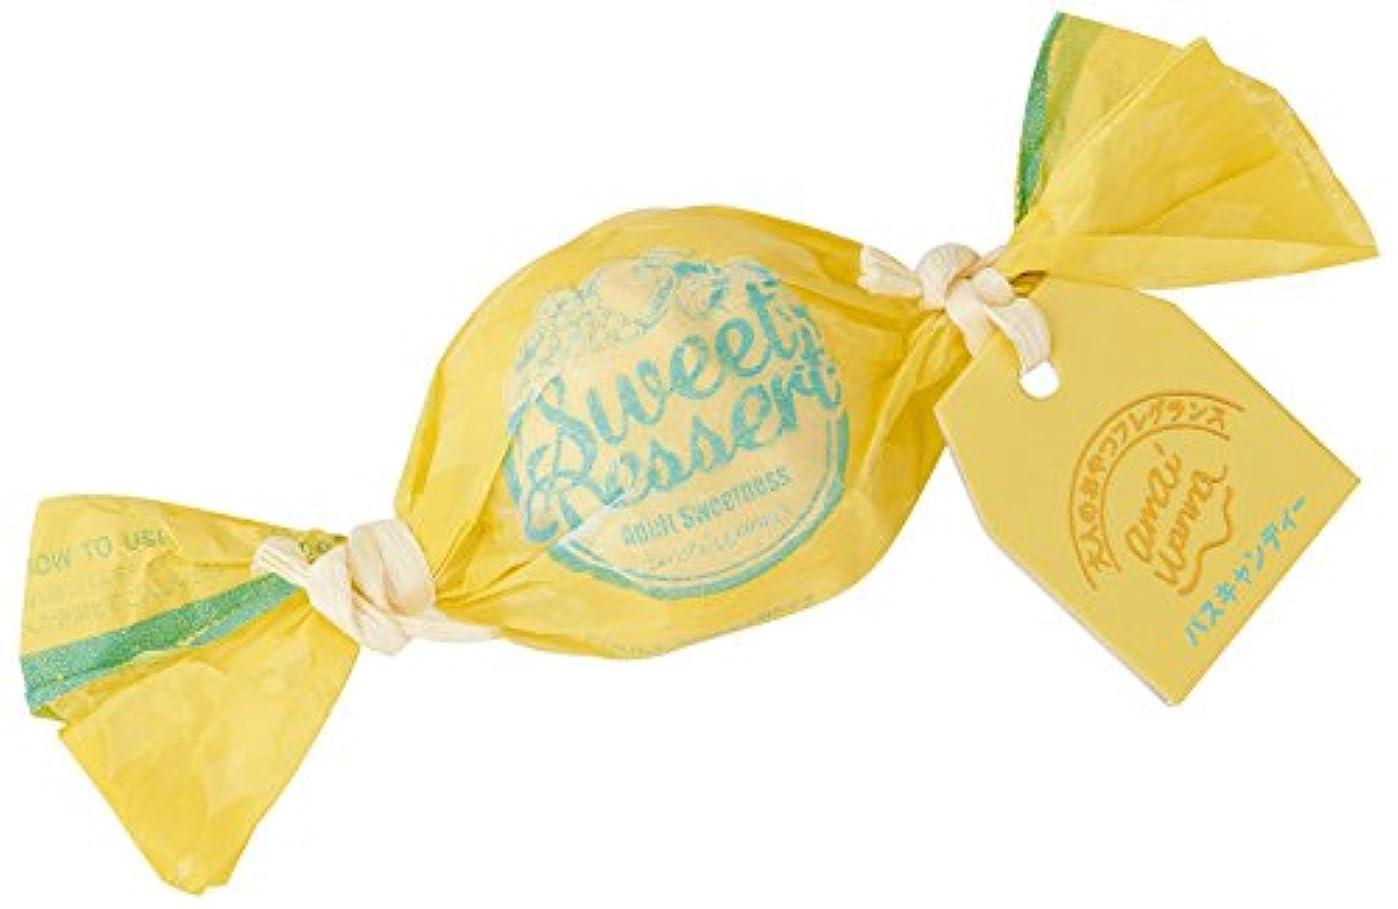 とてもメダリスト素晴らしきアマイワナ バスキャンディー35g×12粒 大人の甘美デザート(発泡タイプ入浴料 フローラルと果実の香り)